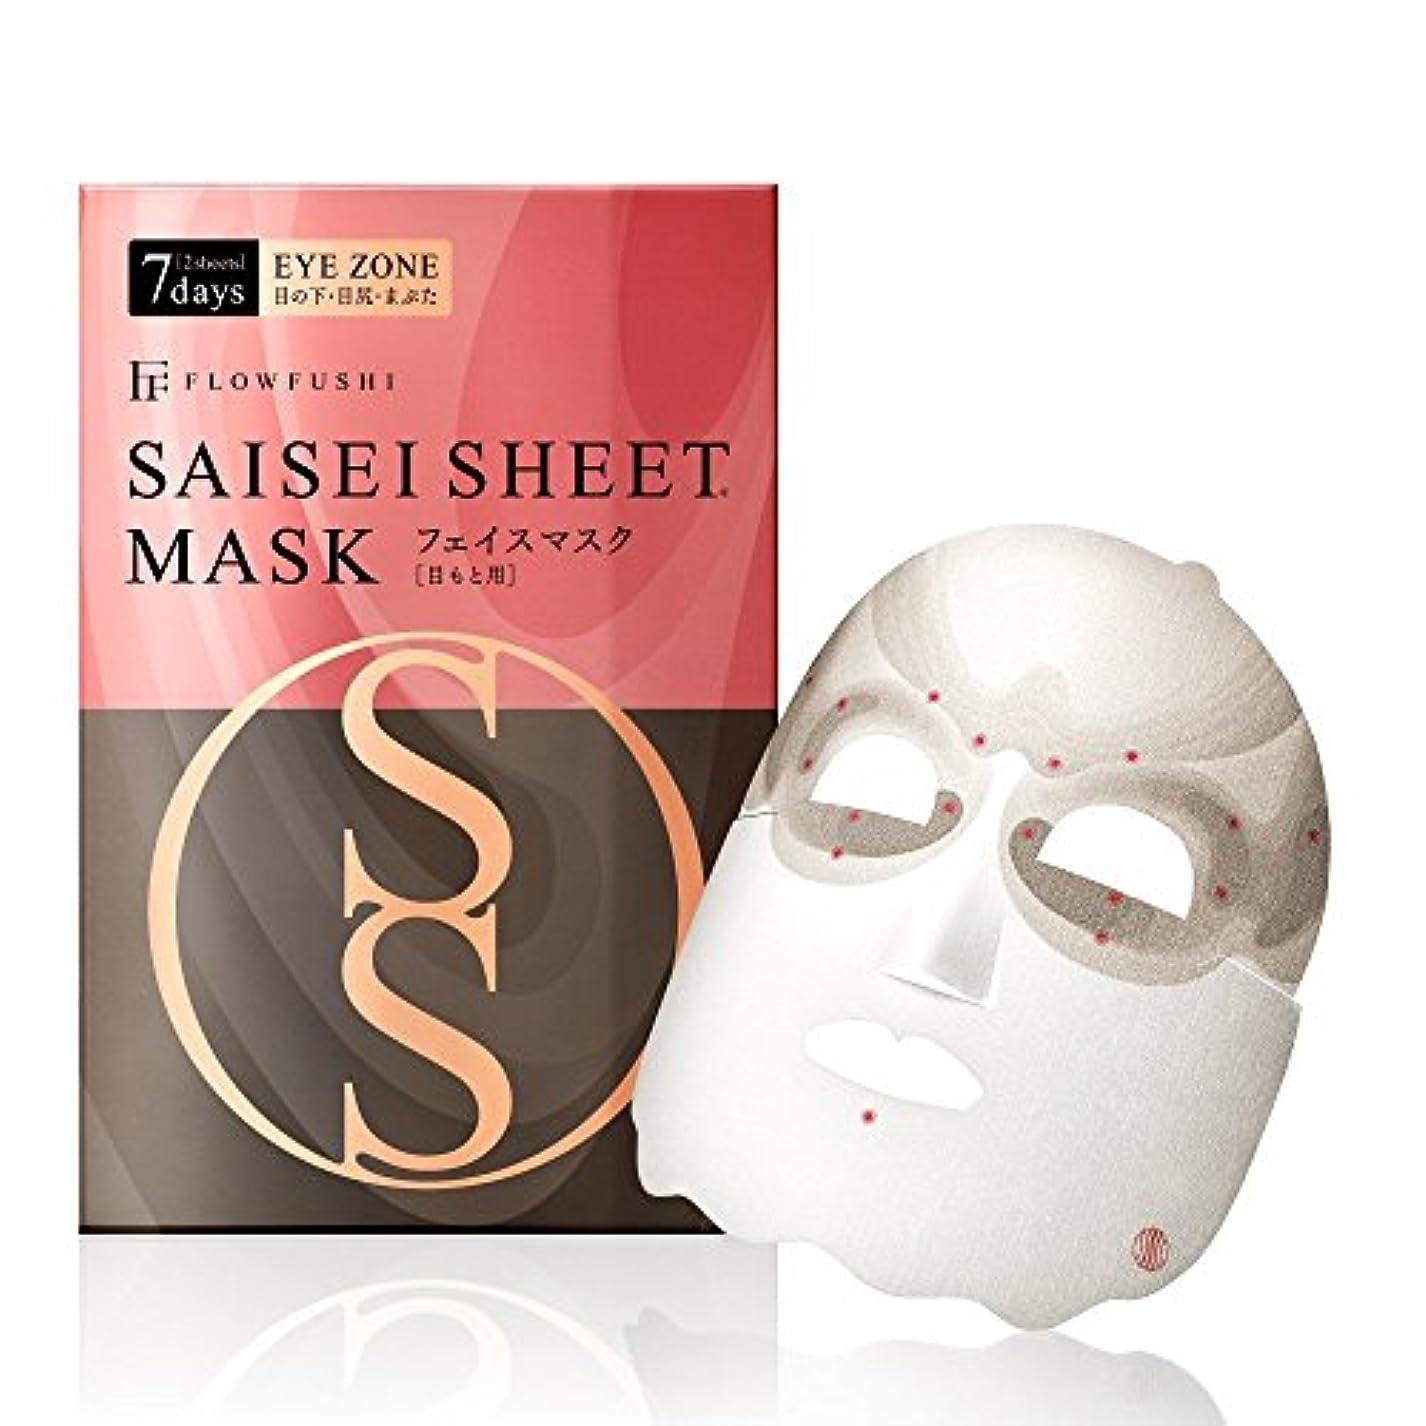 同意資格情報資料SAISEIシート マスク [目もと用] 7days 2sheets